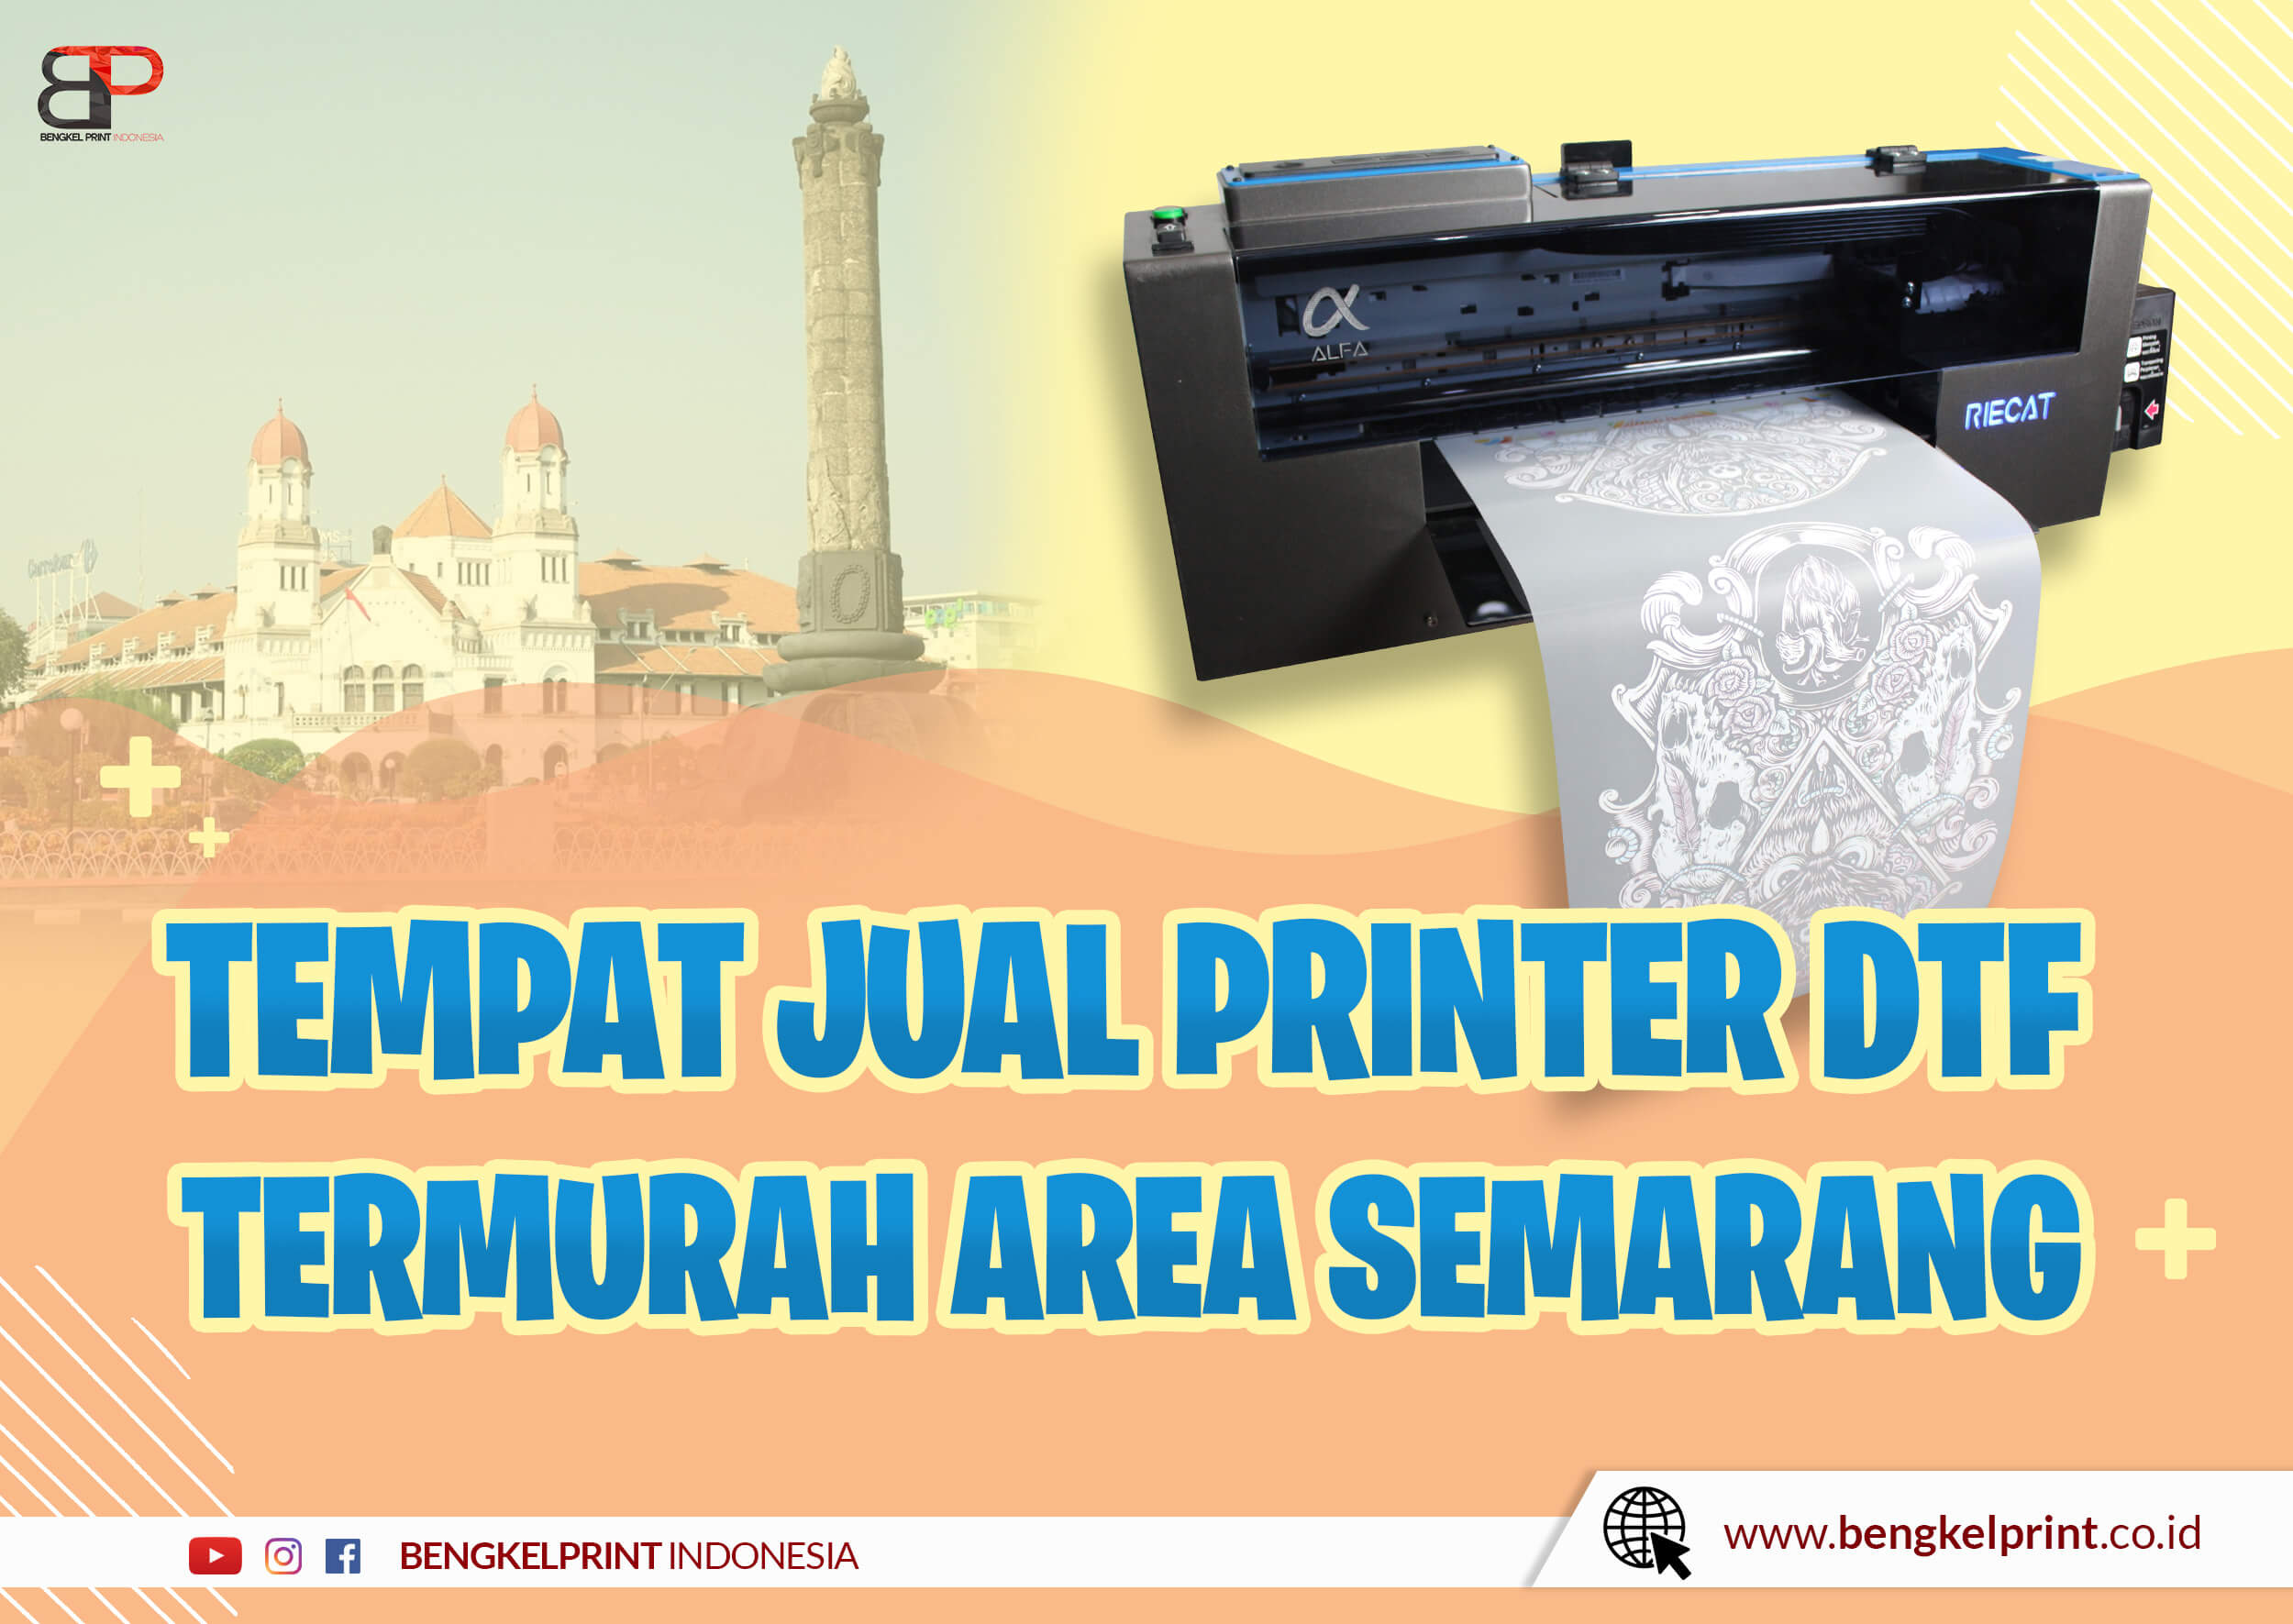 jual printer dtf murah semarang